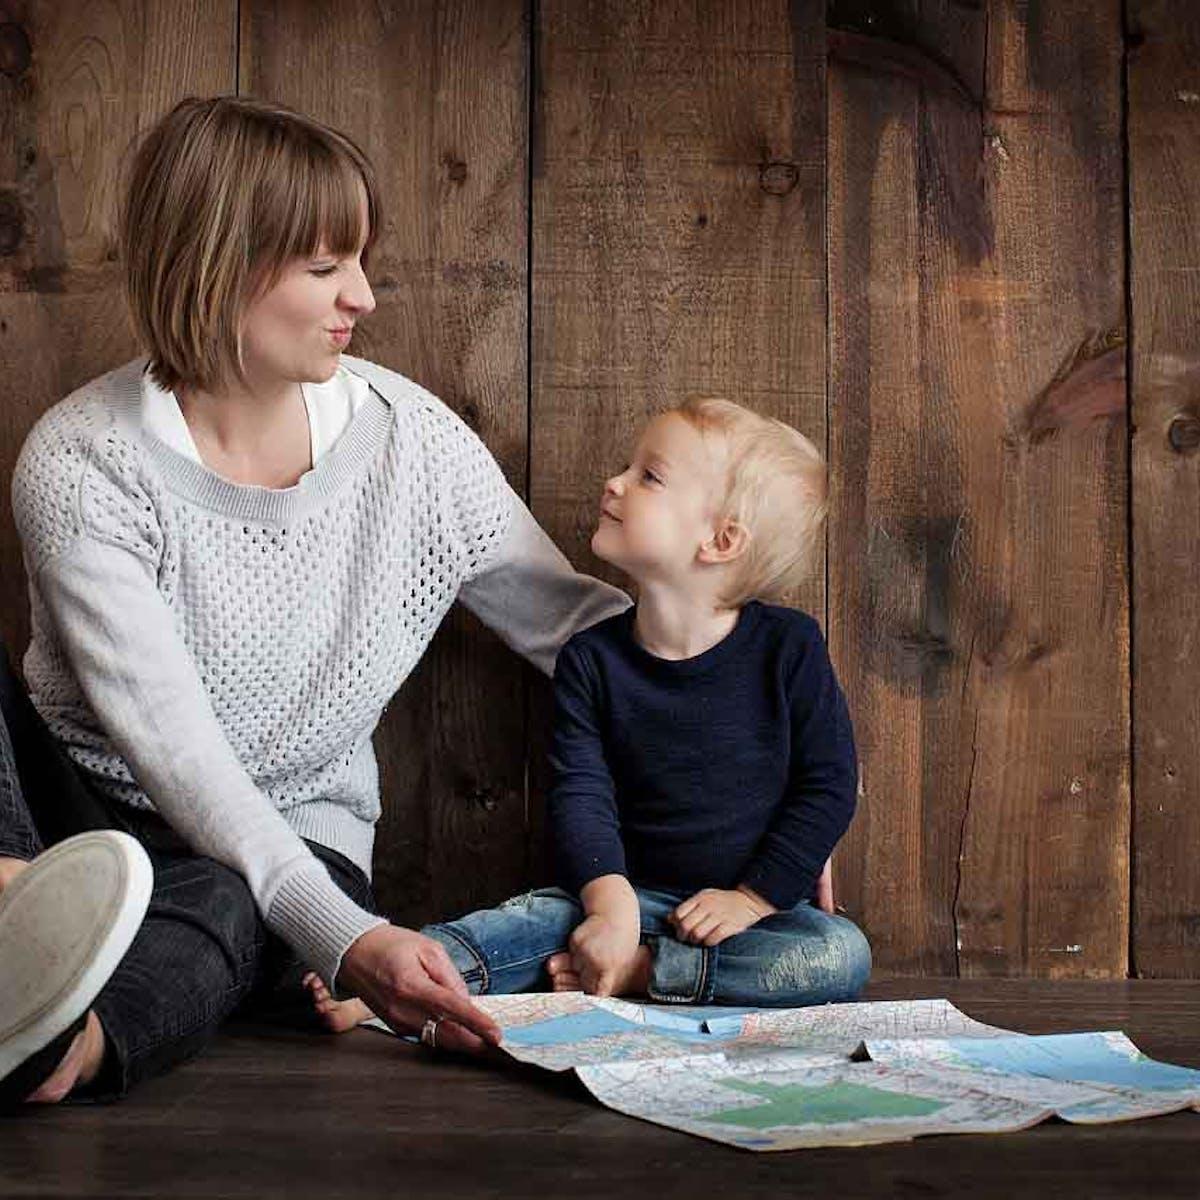 26 Kalimat Yang Perlu Dihindari Saat Mendidik Anak Ibupedia